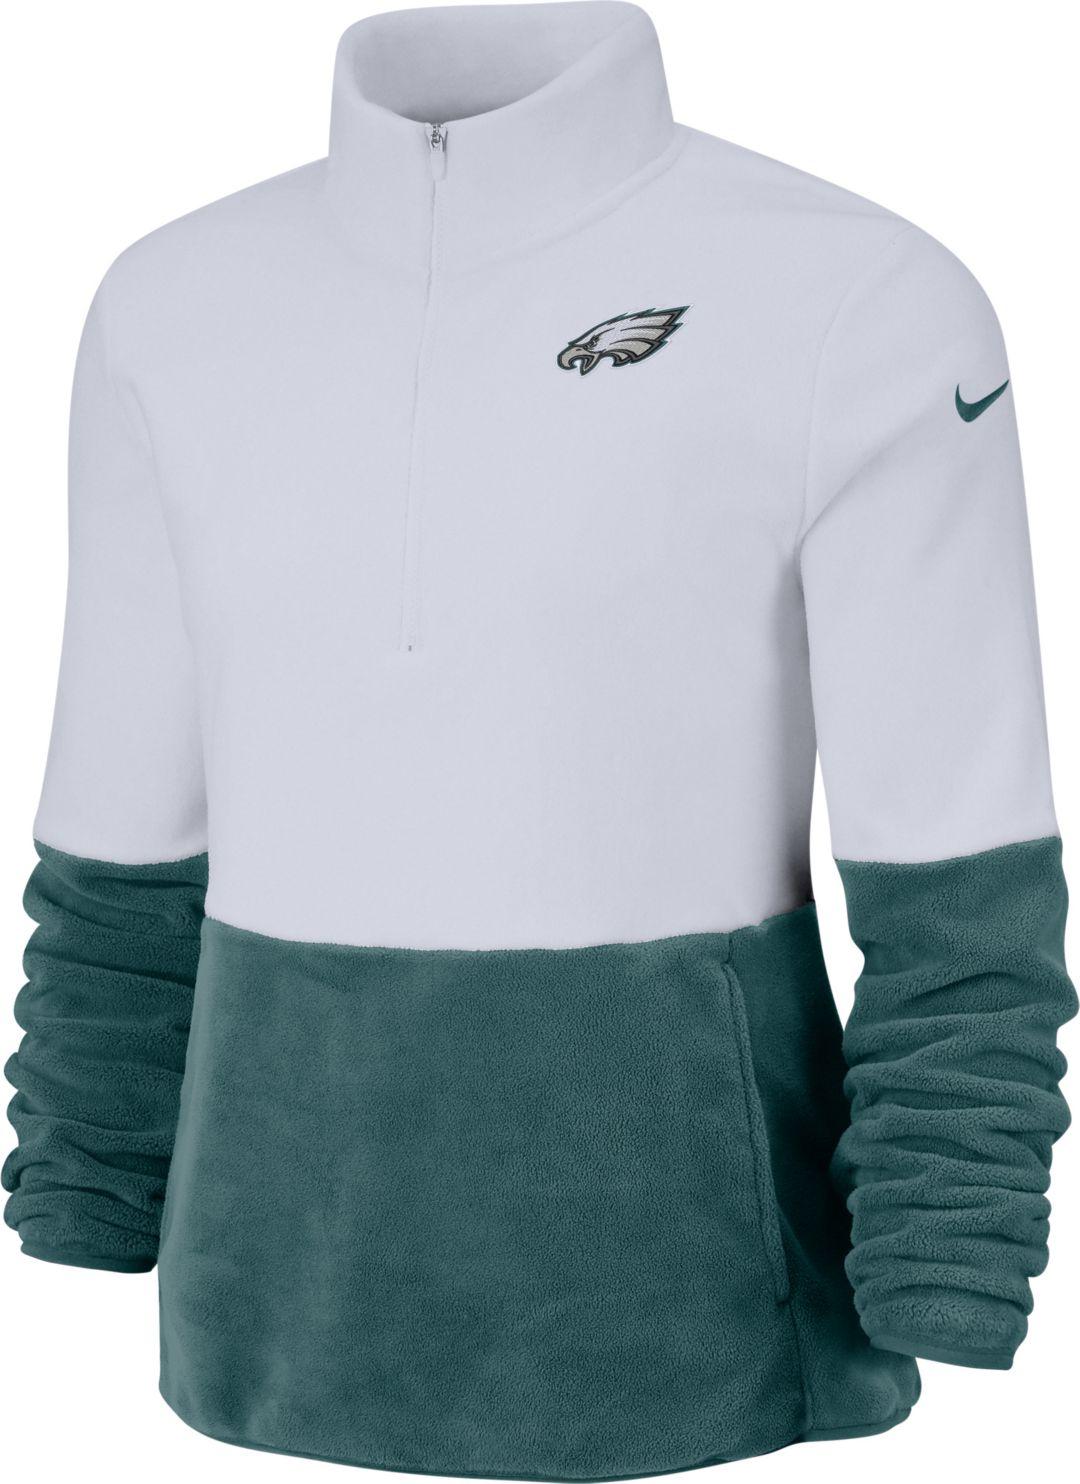 online retailer 37f1c 461ab Nike Women's Philadelphia Eagles Therma-FIT Fleece Half-Zip ...